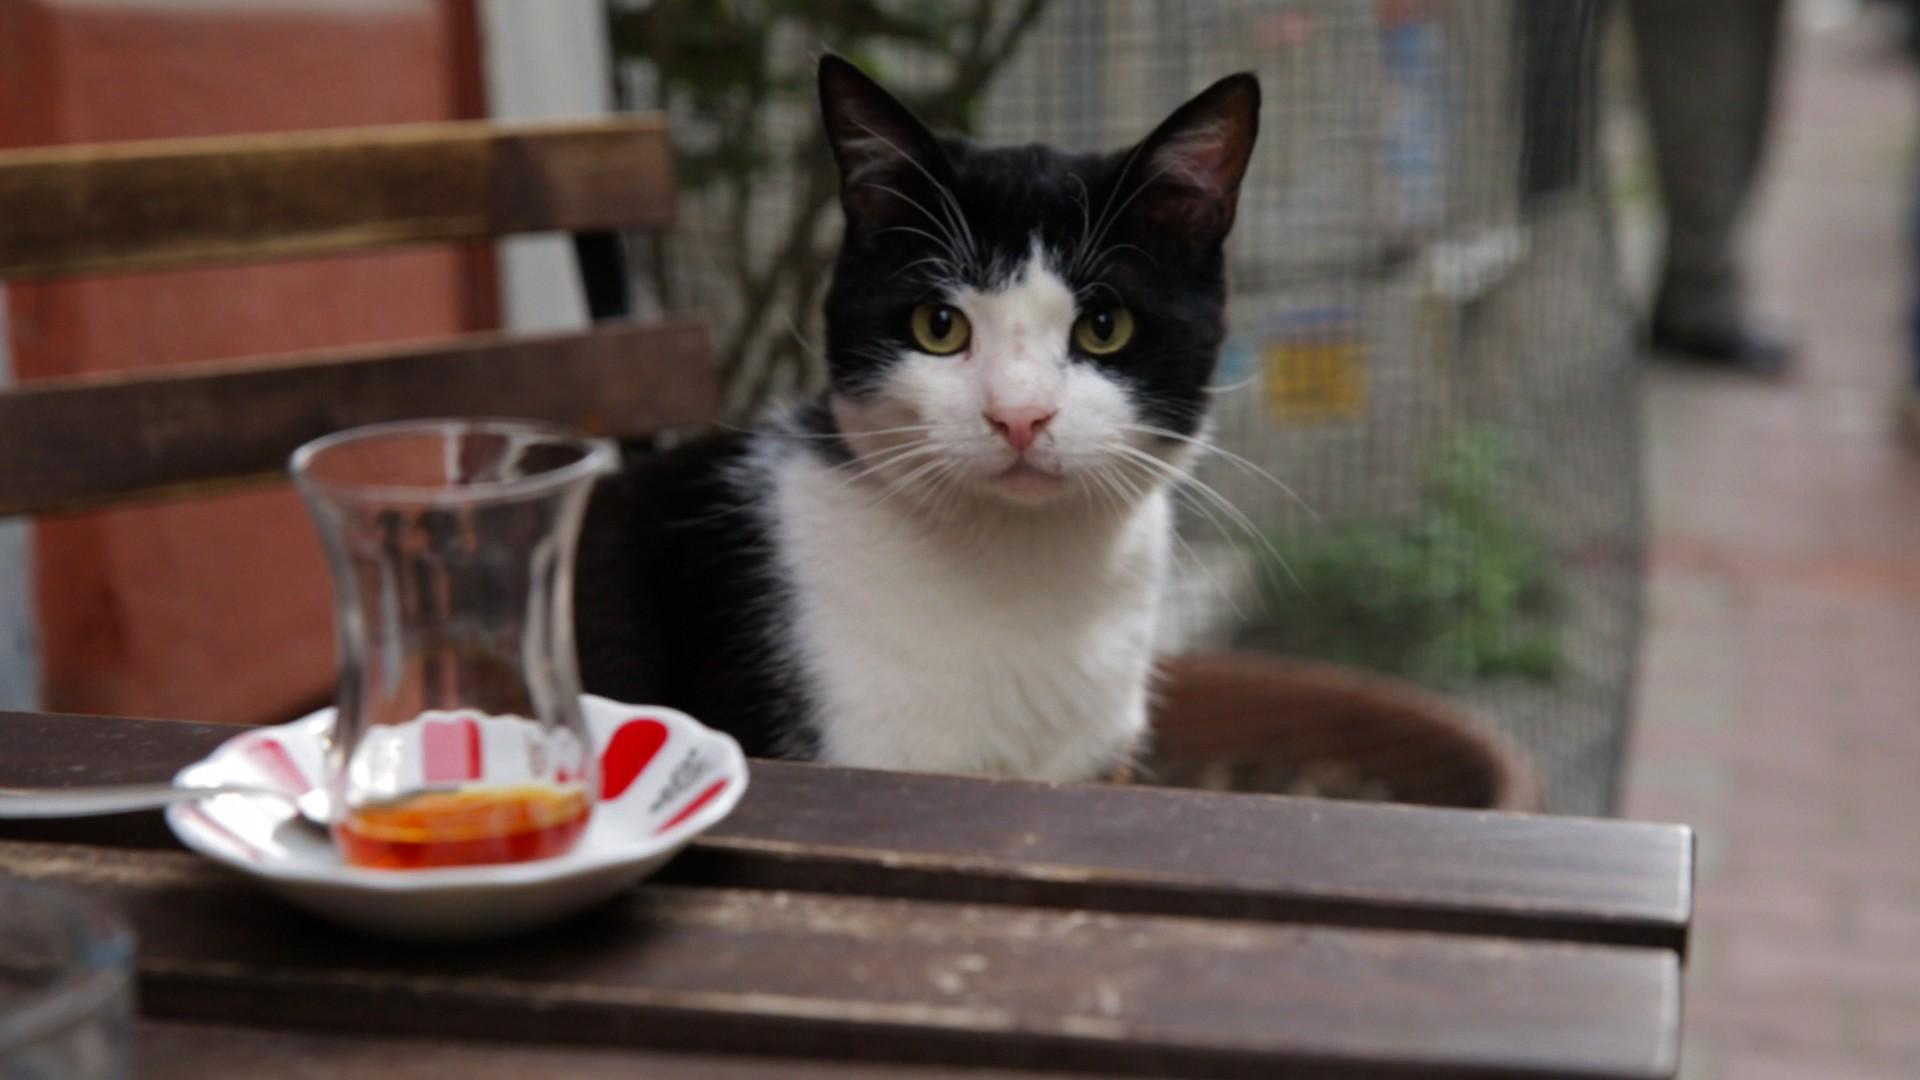 Gamsiz, uma das estrelas de Gatos (Foto: Divulgação)